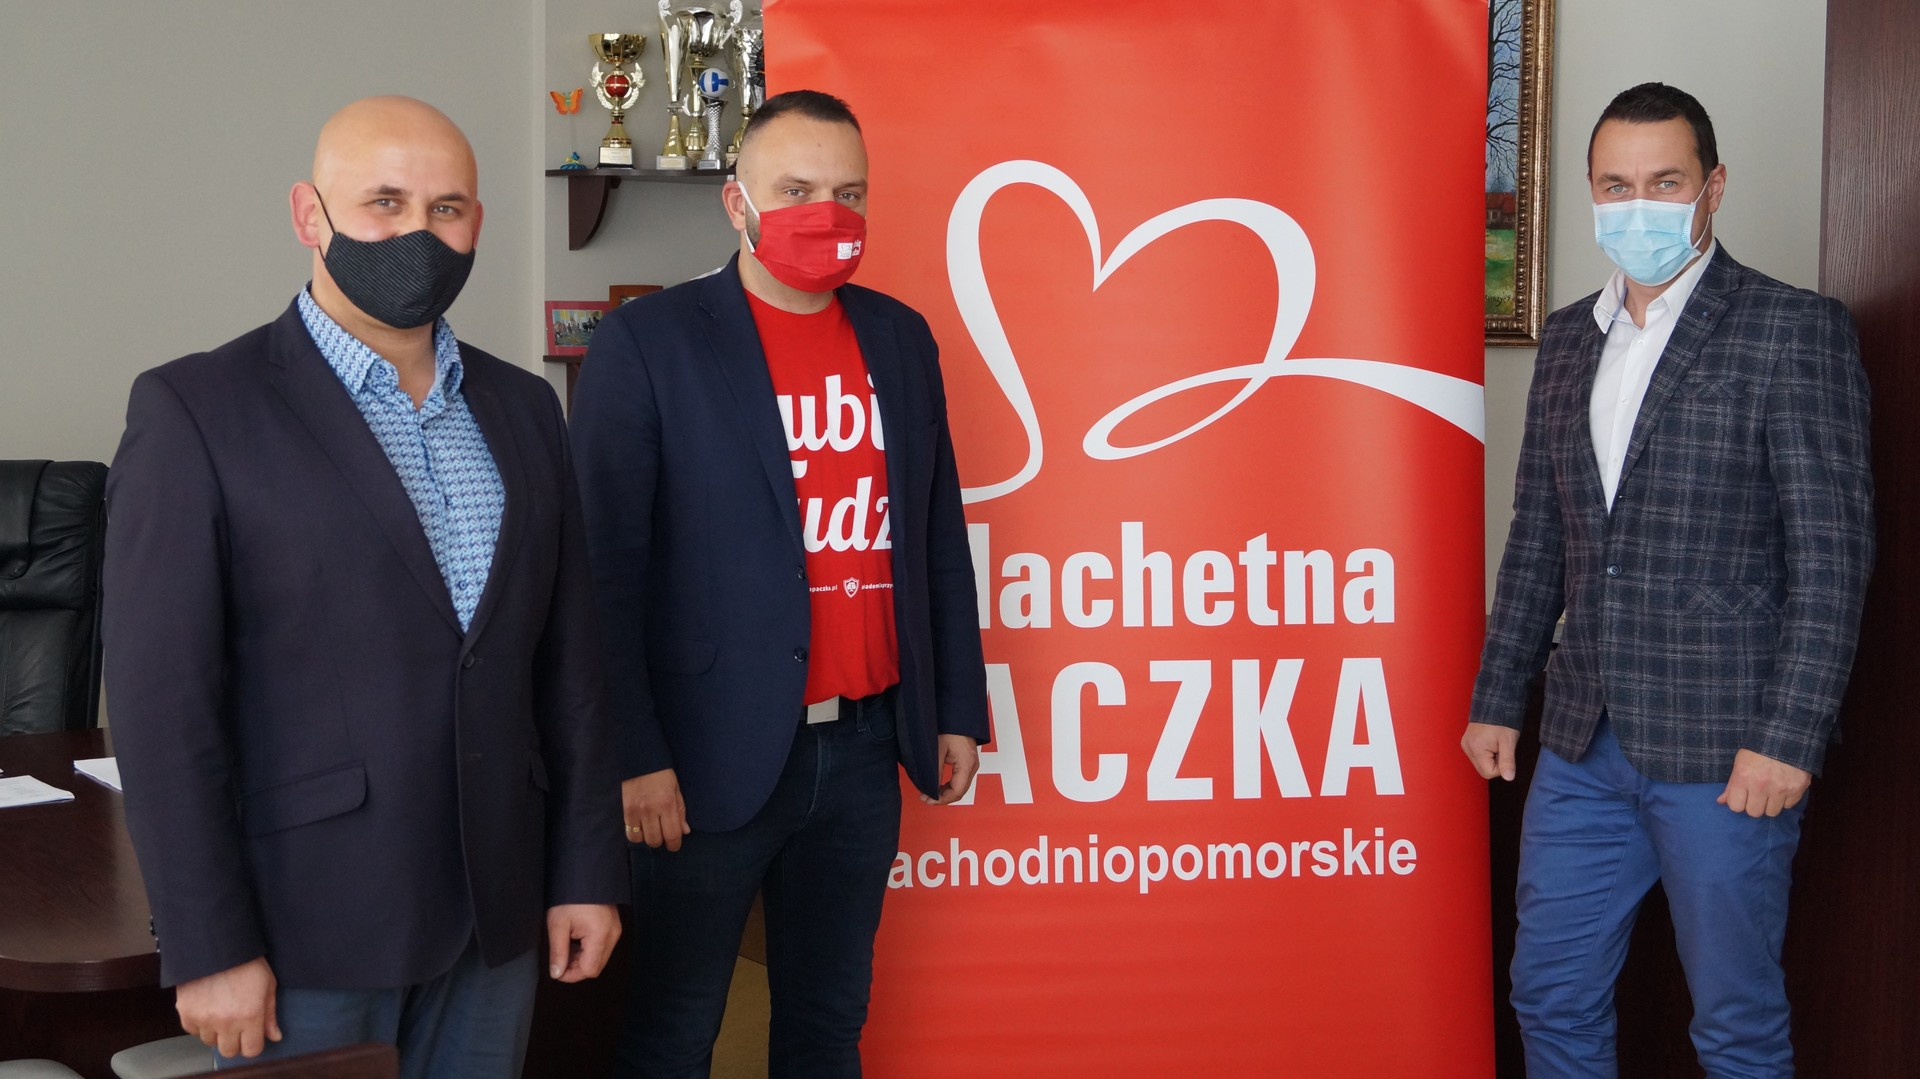 Zastępca burmistrza Jacek Rudziński, lider Szlachetnej Paczka rejonu Tychowo Dominik Boszko i burmistrz Robert Falana